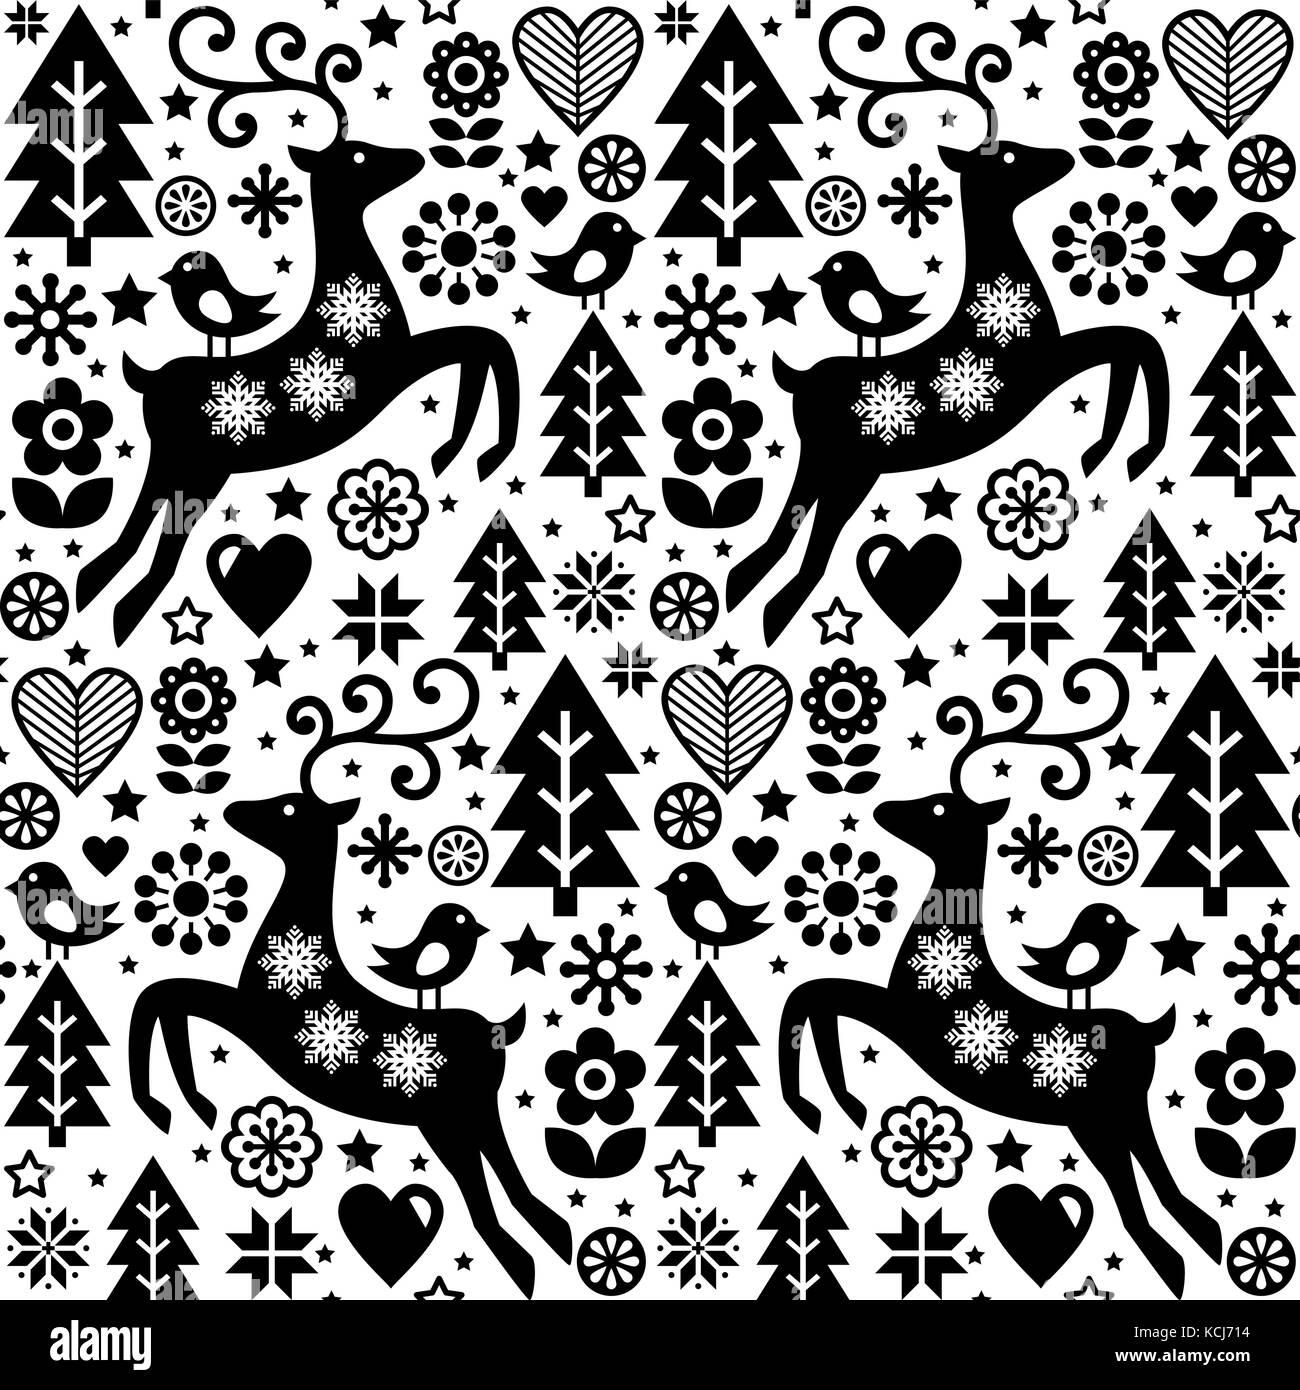 Vecteur De Noël Style Folk Motif Transparent Scandinavian